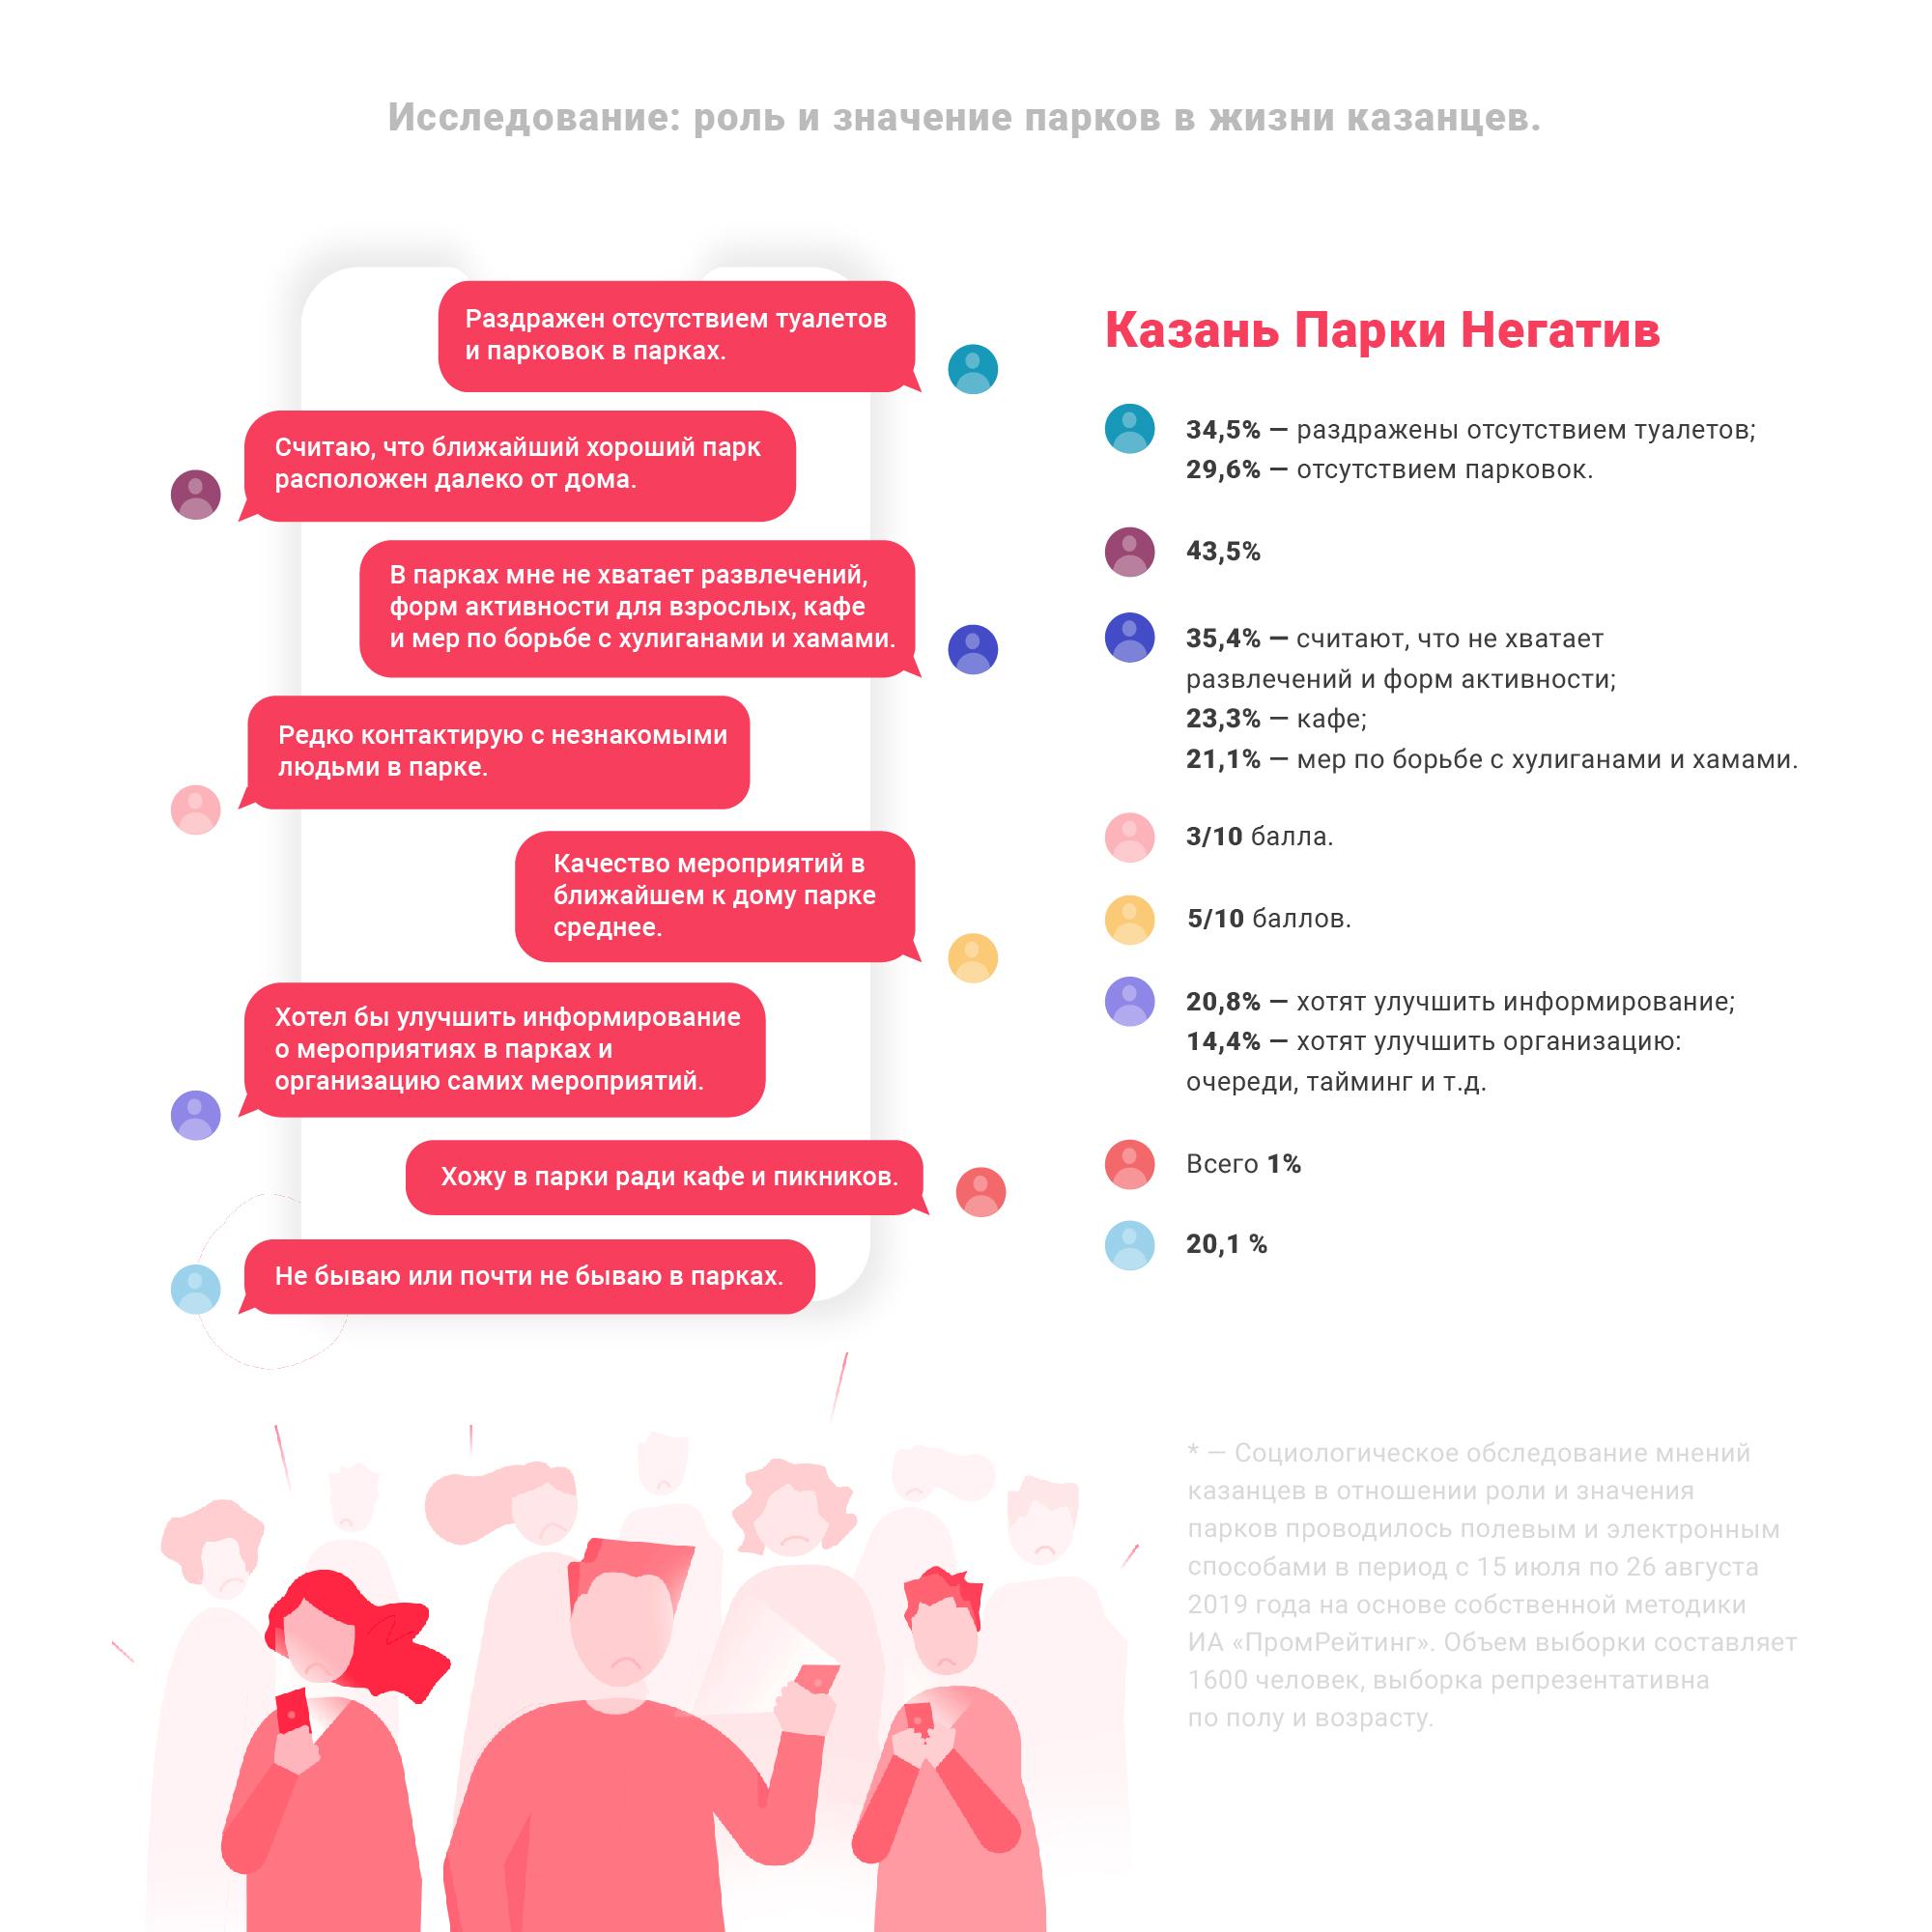 Исследование по паркам Казани 2019